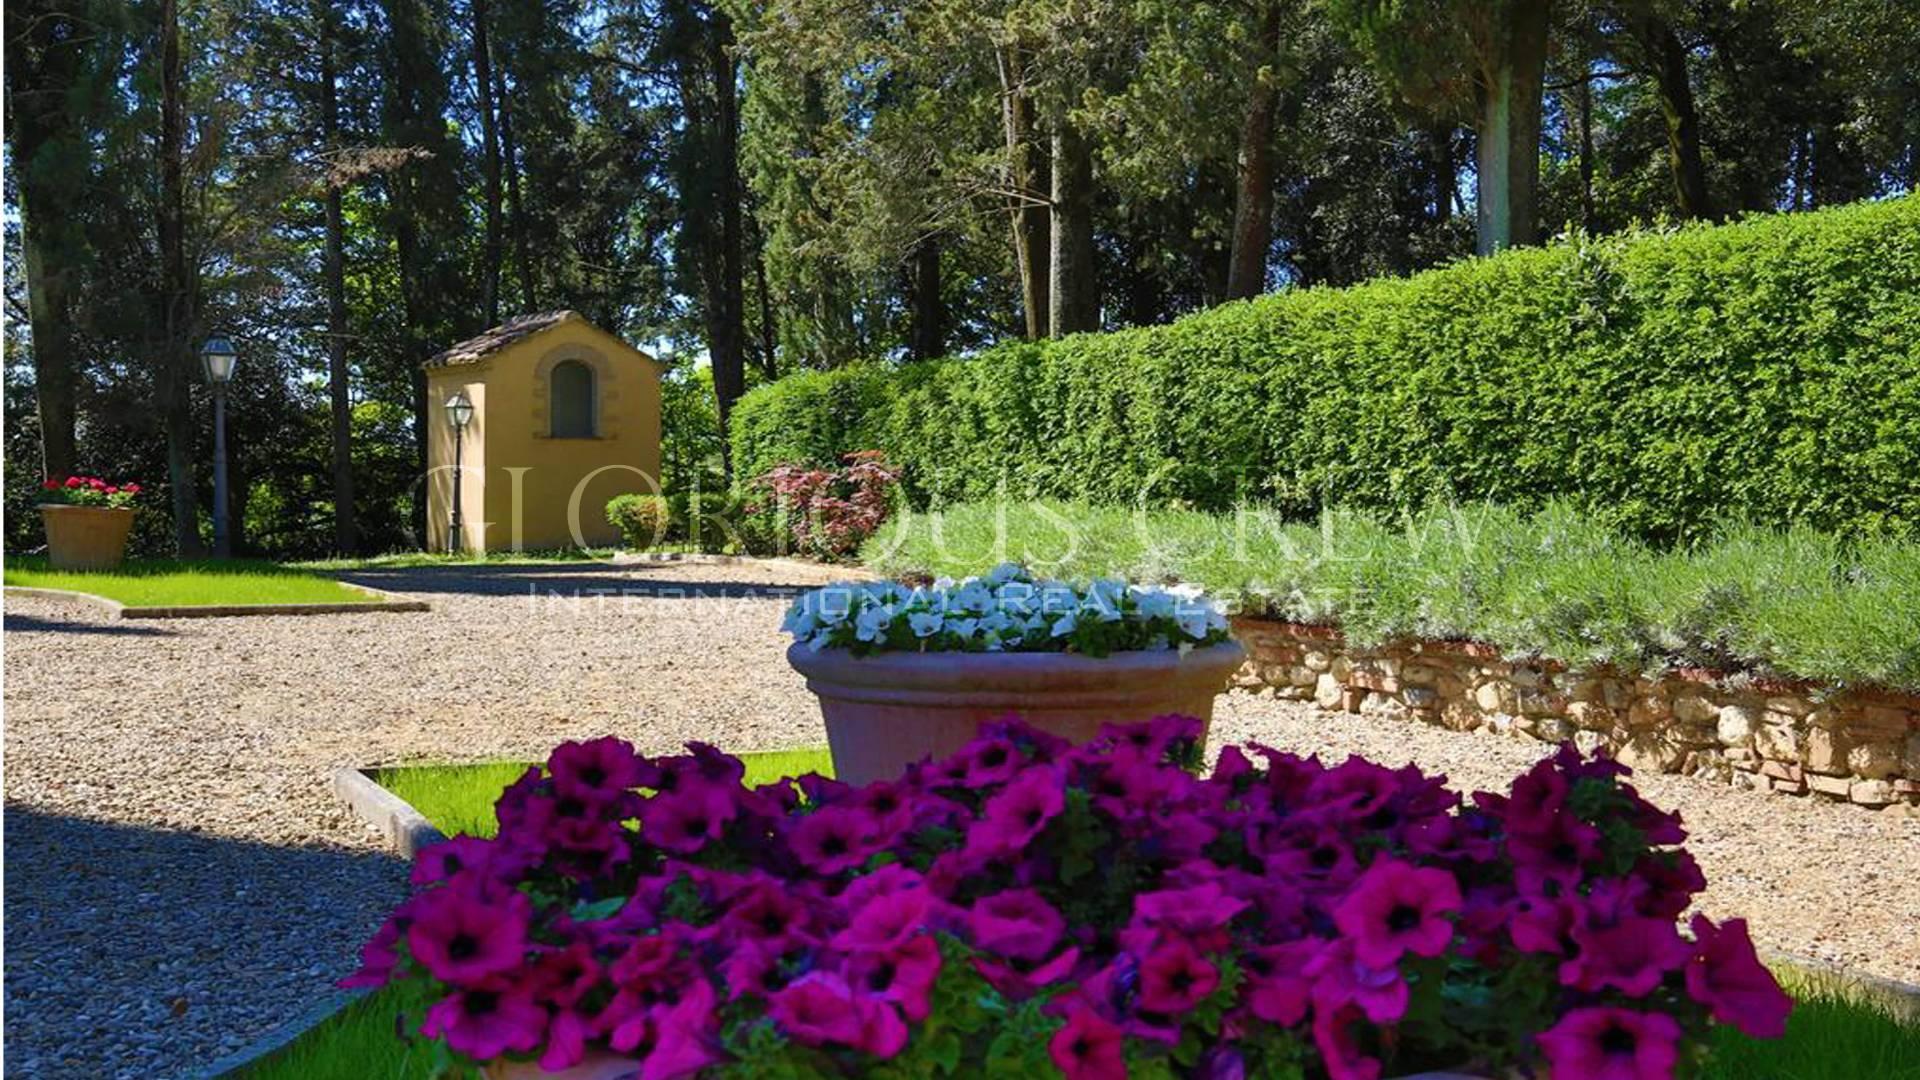 Rustico in Vendita a San Gimignano: 5 locali, 2500 mq - Foto 19